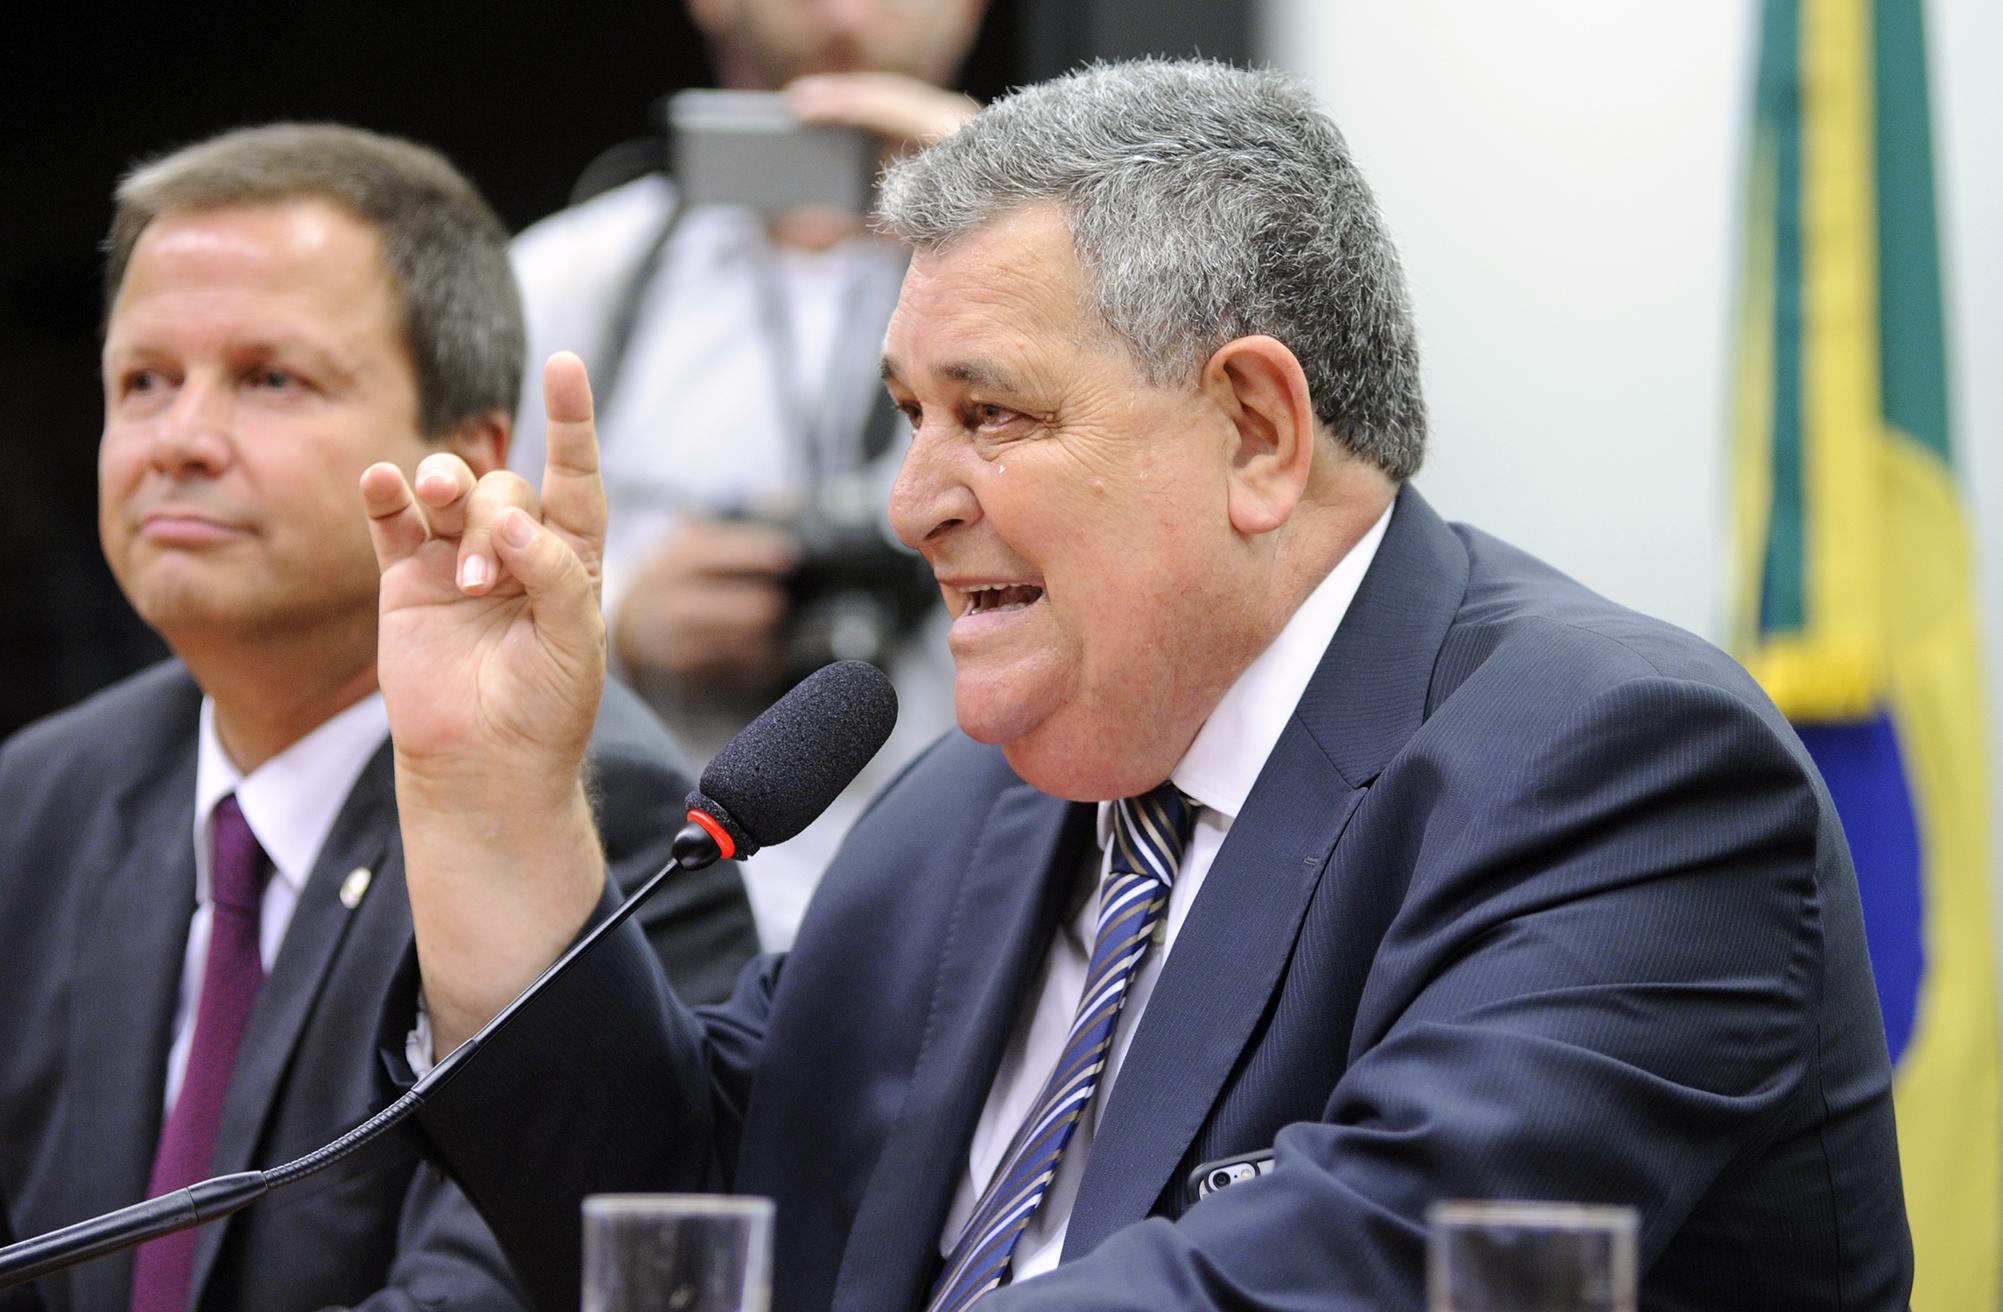 Reunião para entrega de carta aberta da OAB sobre a reforma. Dep. Arnaldo Faria de Sá (PTB - SP)